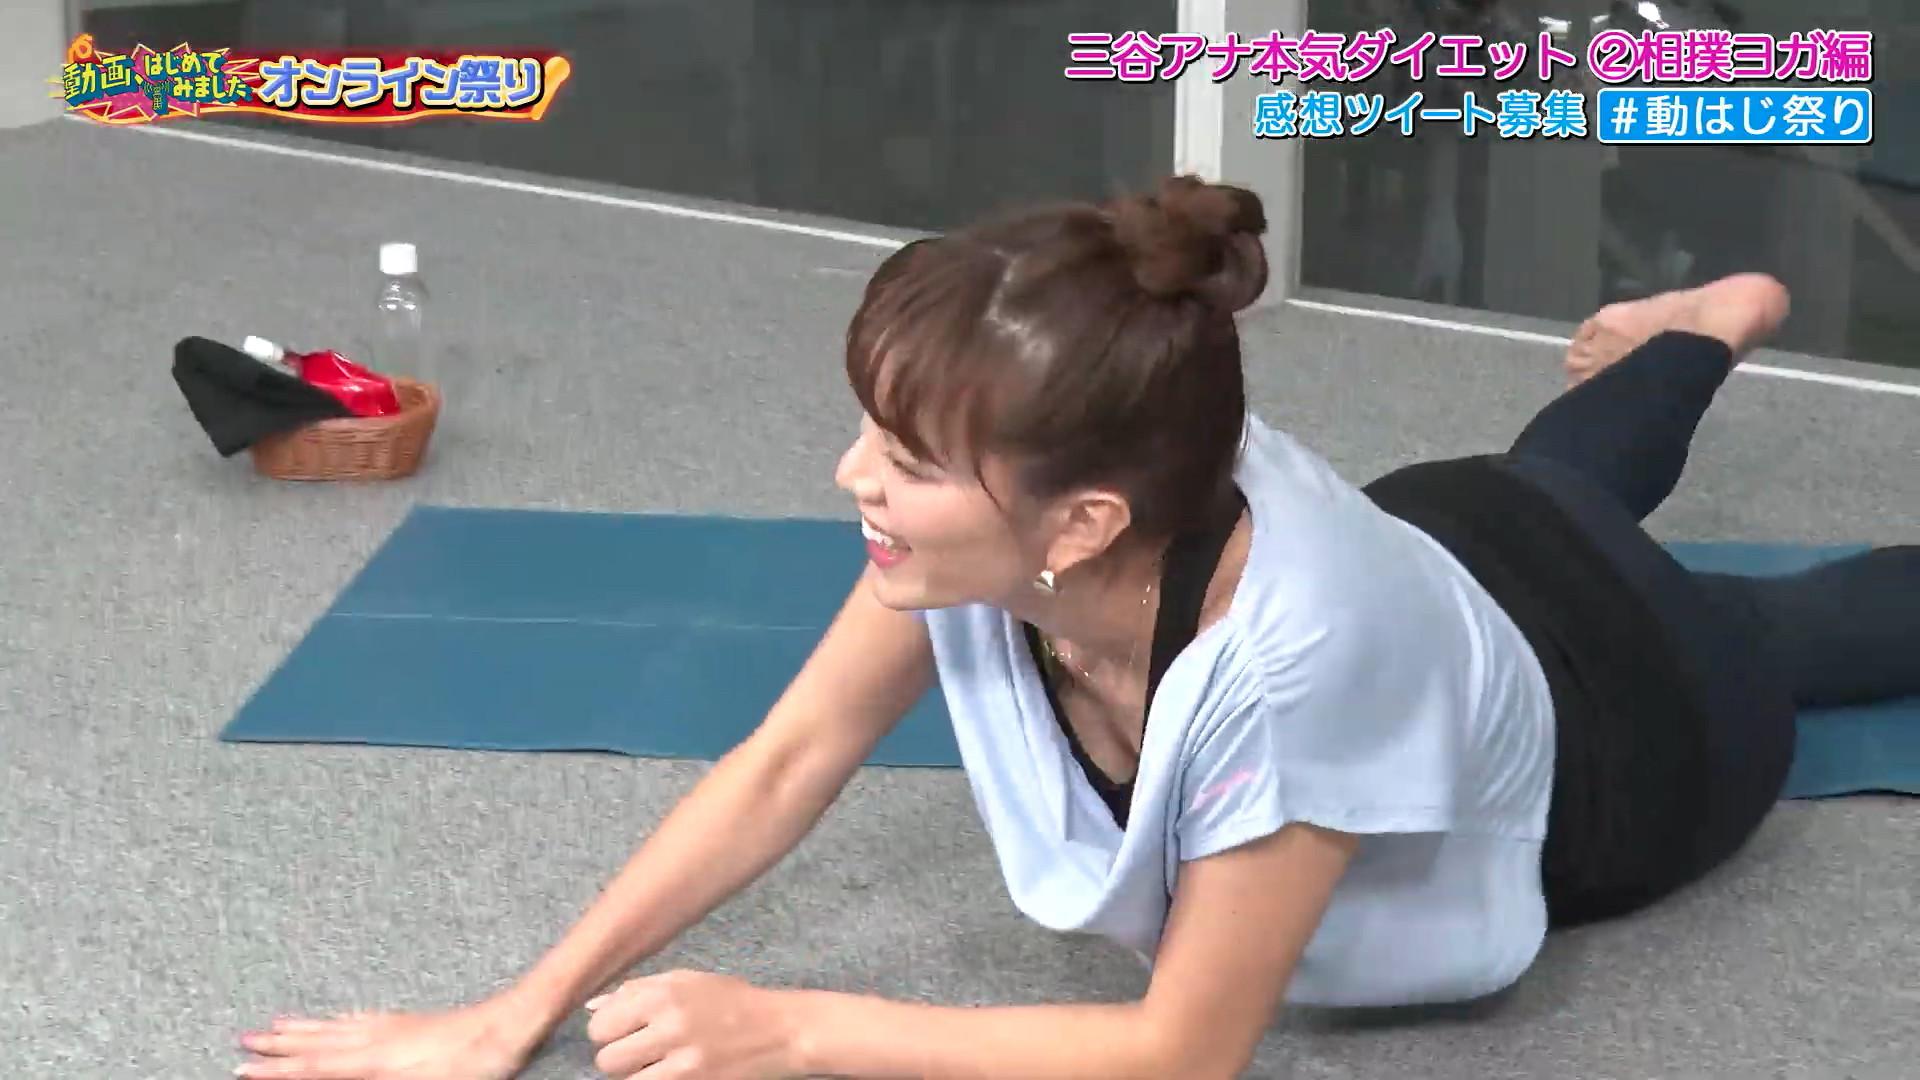 胸チラしてる三谷紬アナのトレーニングおっぱいがスコスコwwwwwwwwwwwwwww sOyPNgc